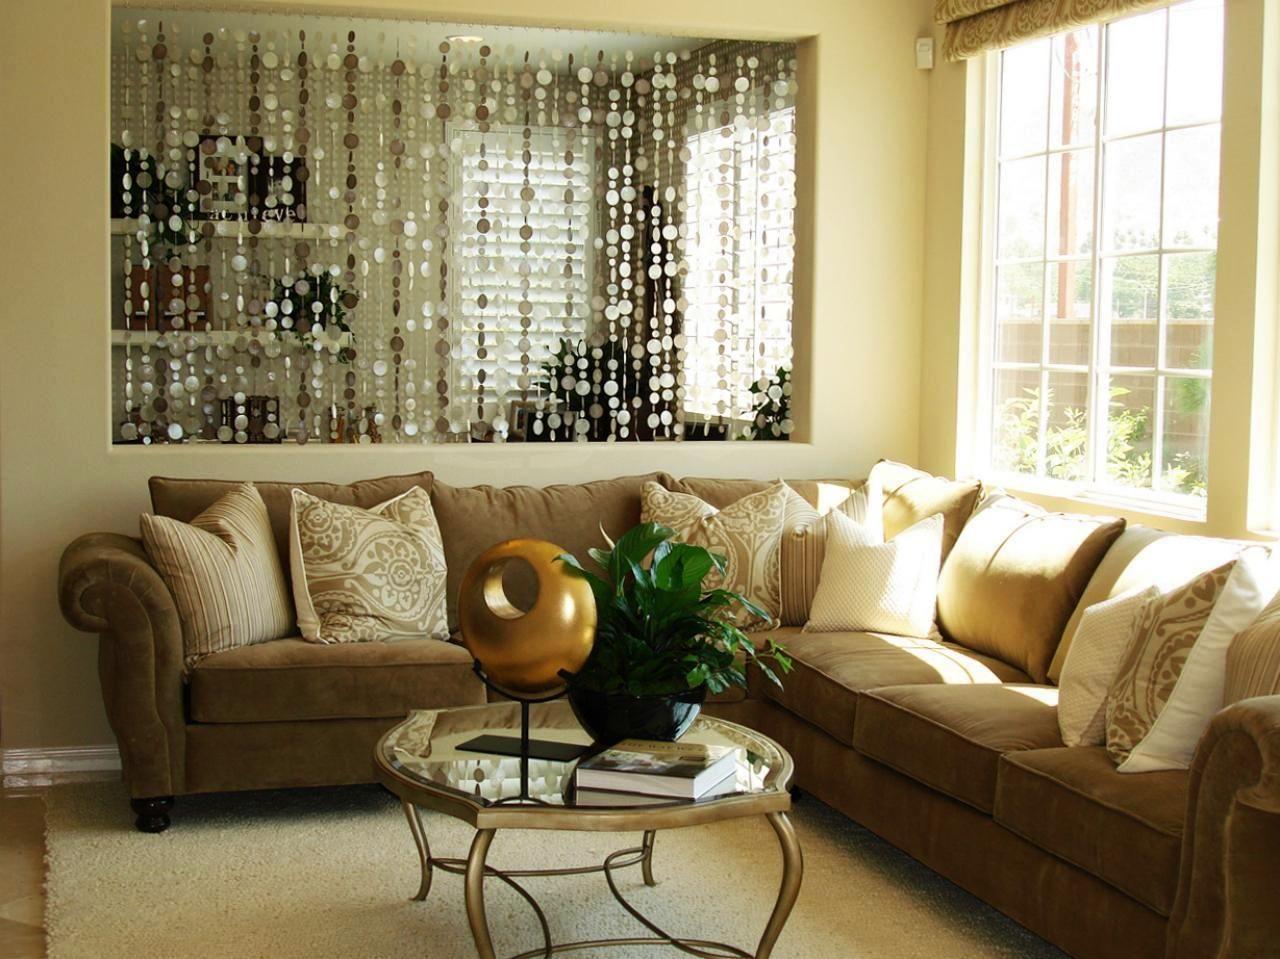 Шторы из перламутровых элементов прекрасно дополнят гостиную в спокойных, сдержанных тонах